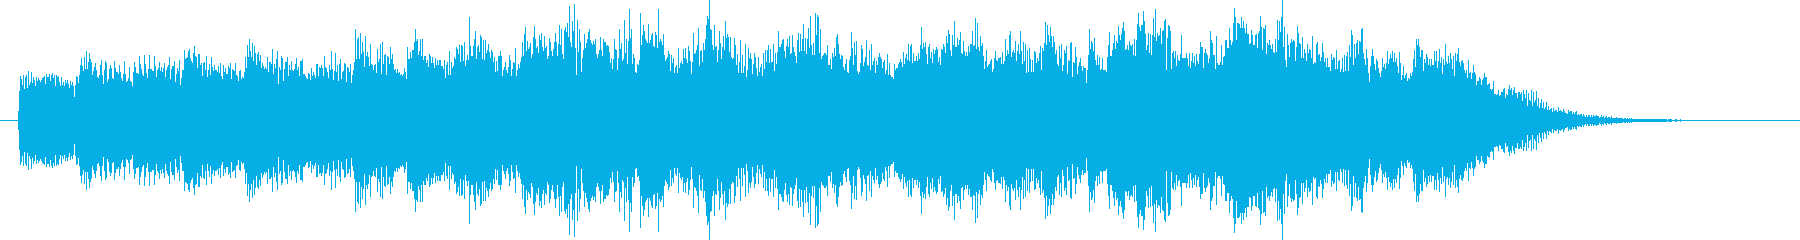 ピアノ/重厚・高級・映画感のあるSE-2の再生済みの波形